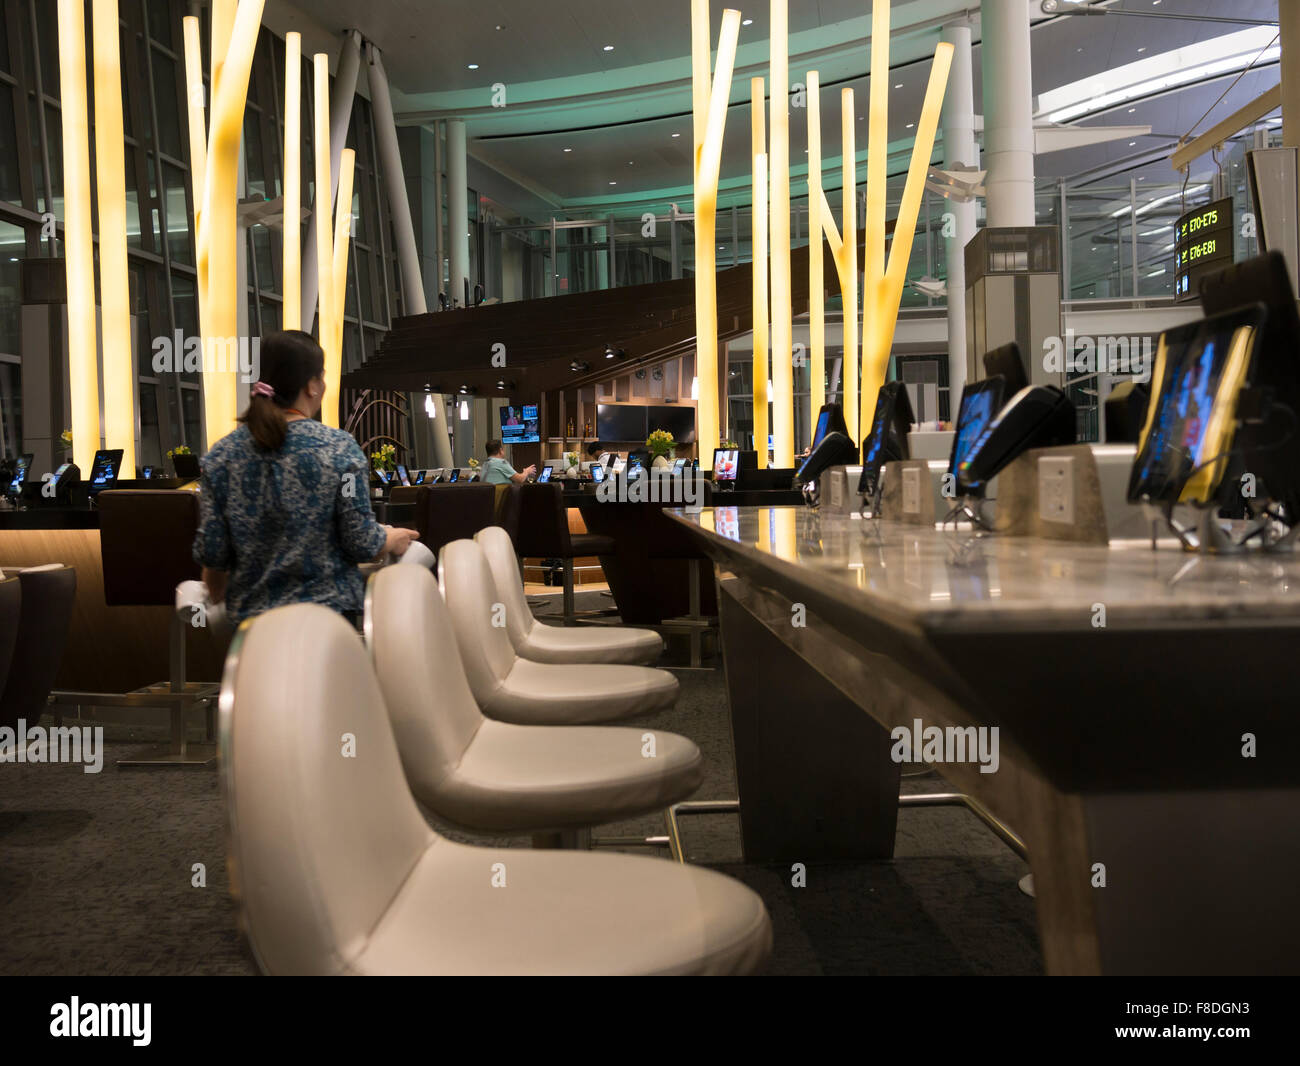 Terminal 1 del aeropuerto internacional de Toronto salida food court lounge, moderno y mesas de comedor conectado Foto de stock